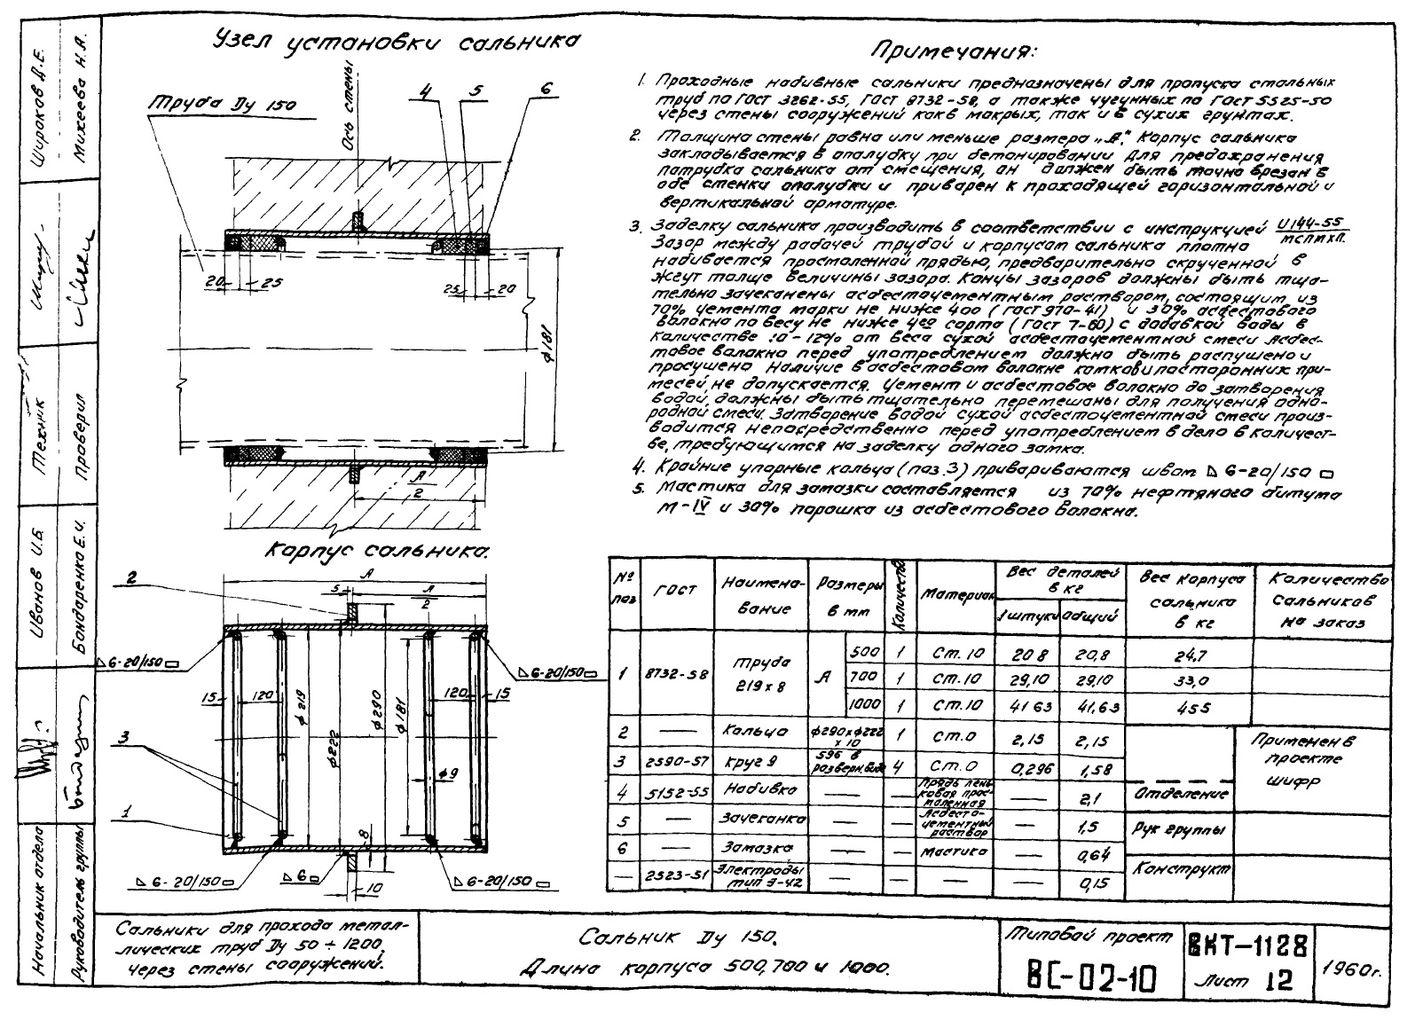 Сальники набивные L = 500 мм типовой проект ВС-02-10 стр.5